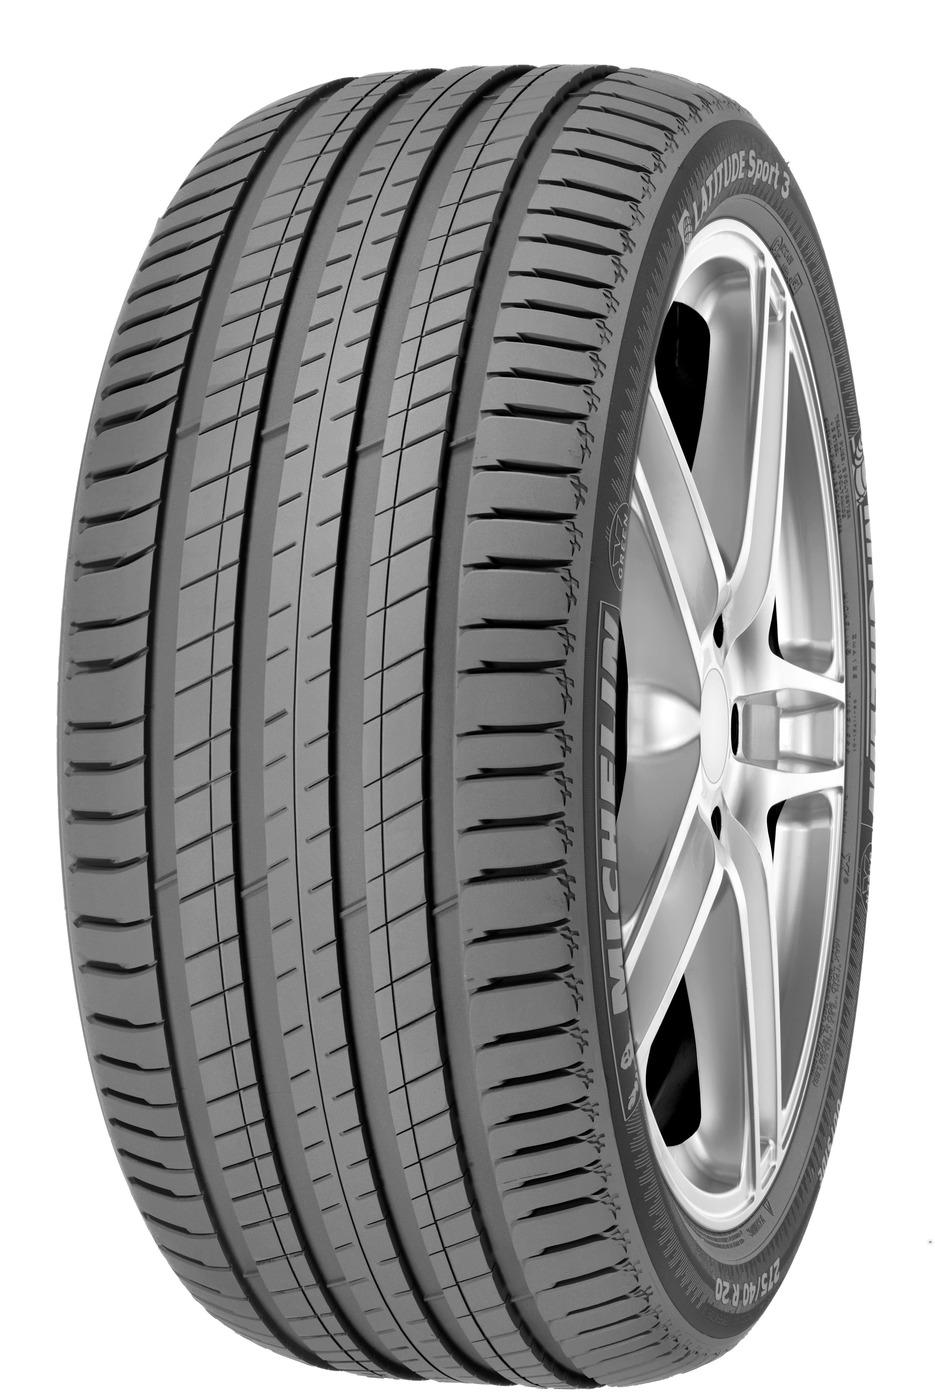 """Шины автомобильные Michelin 235/55 R19"""" W (до 270 км/ч) 101 (825 кг) Лето Нешипованные"""